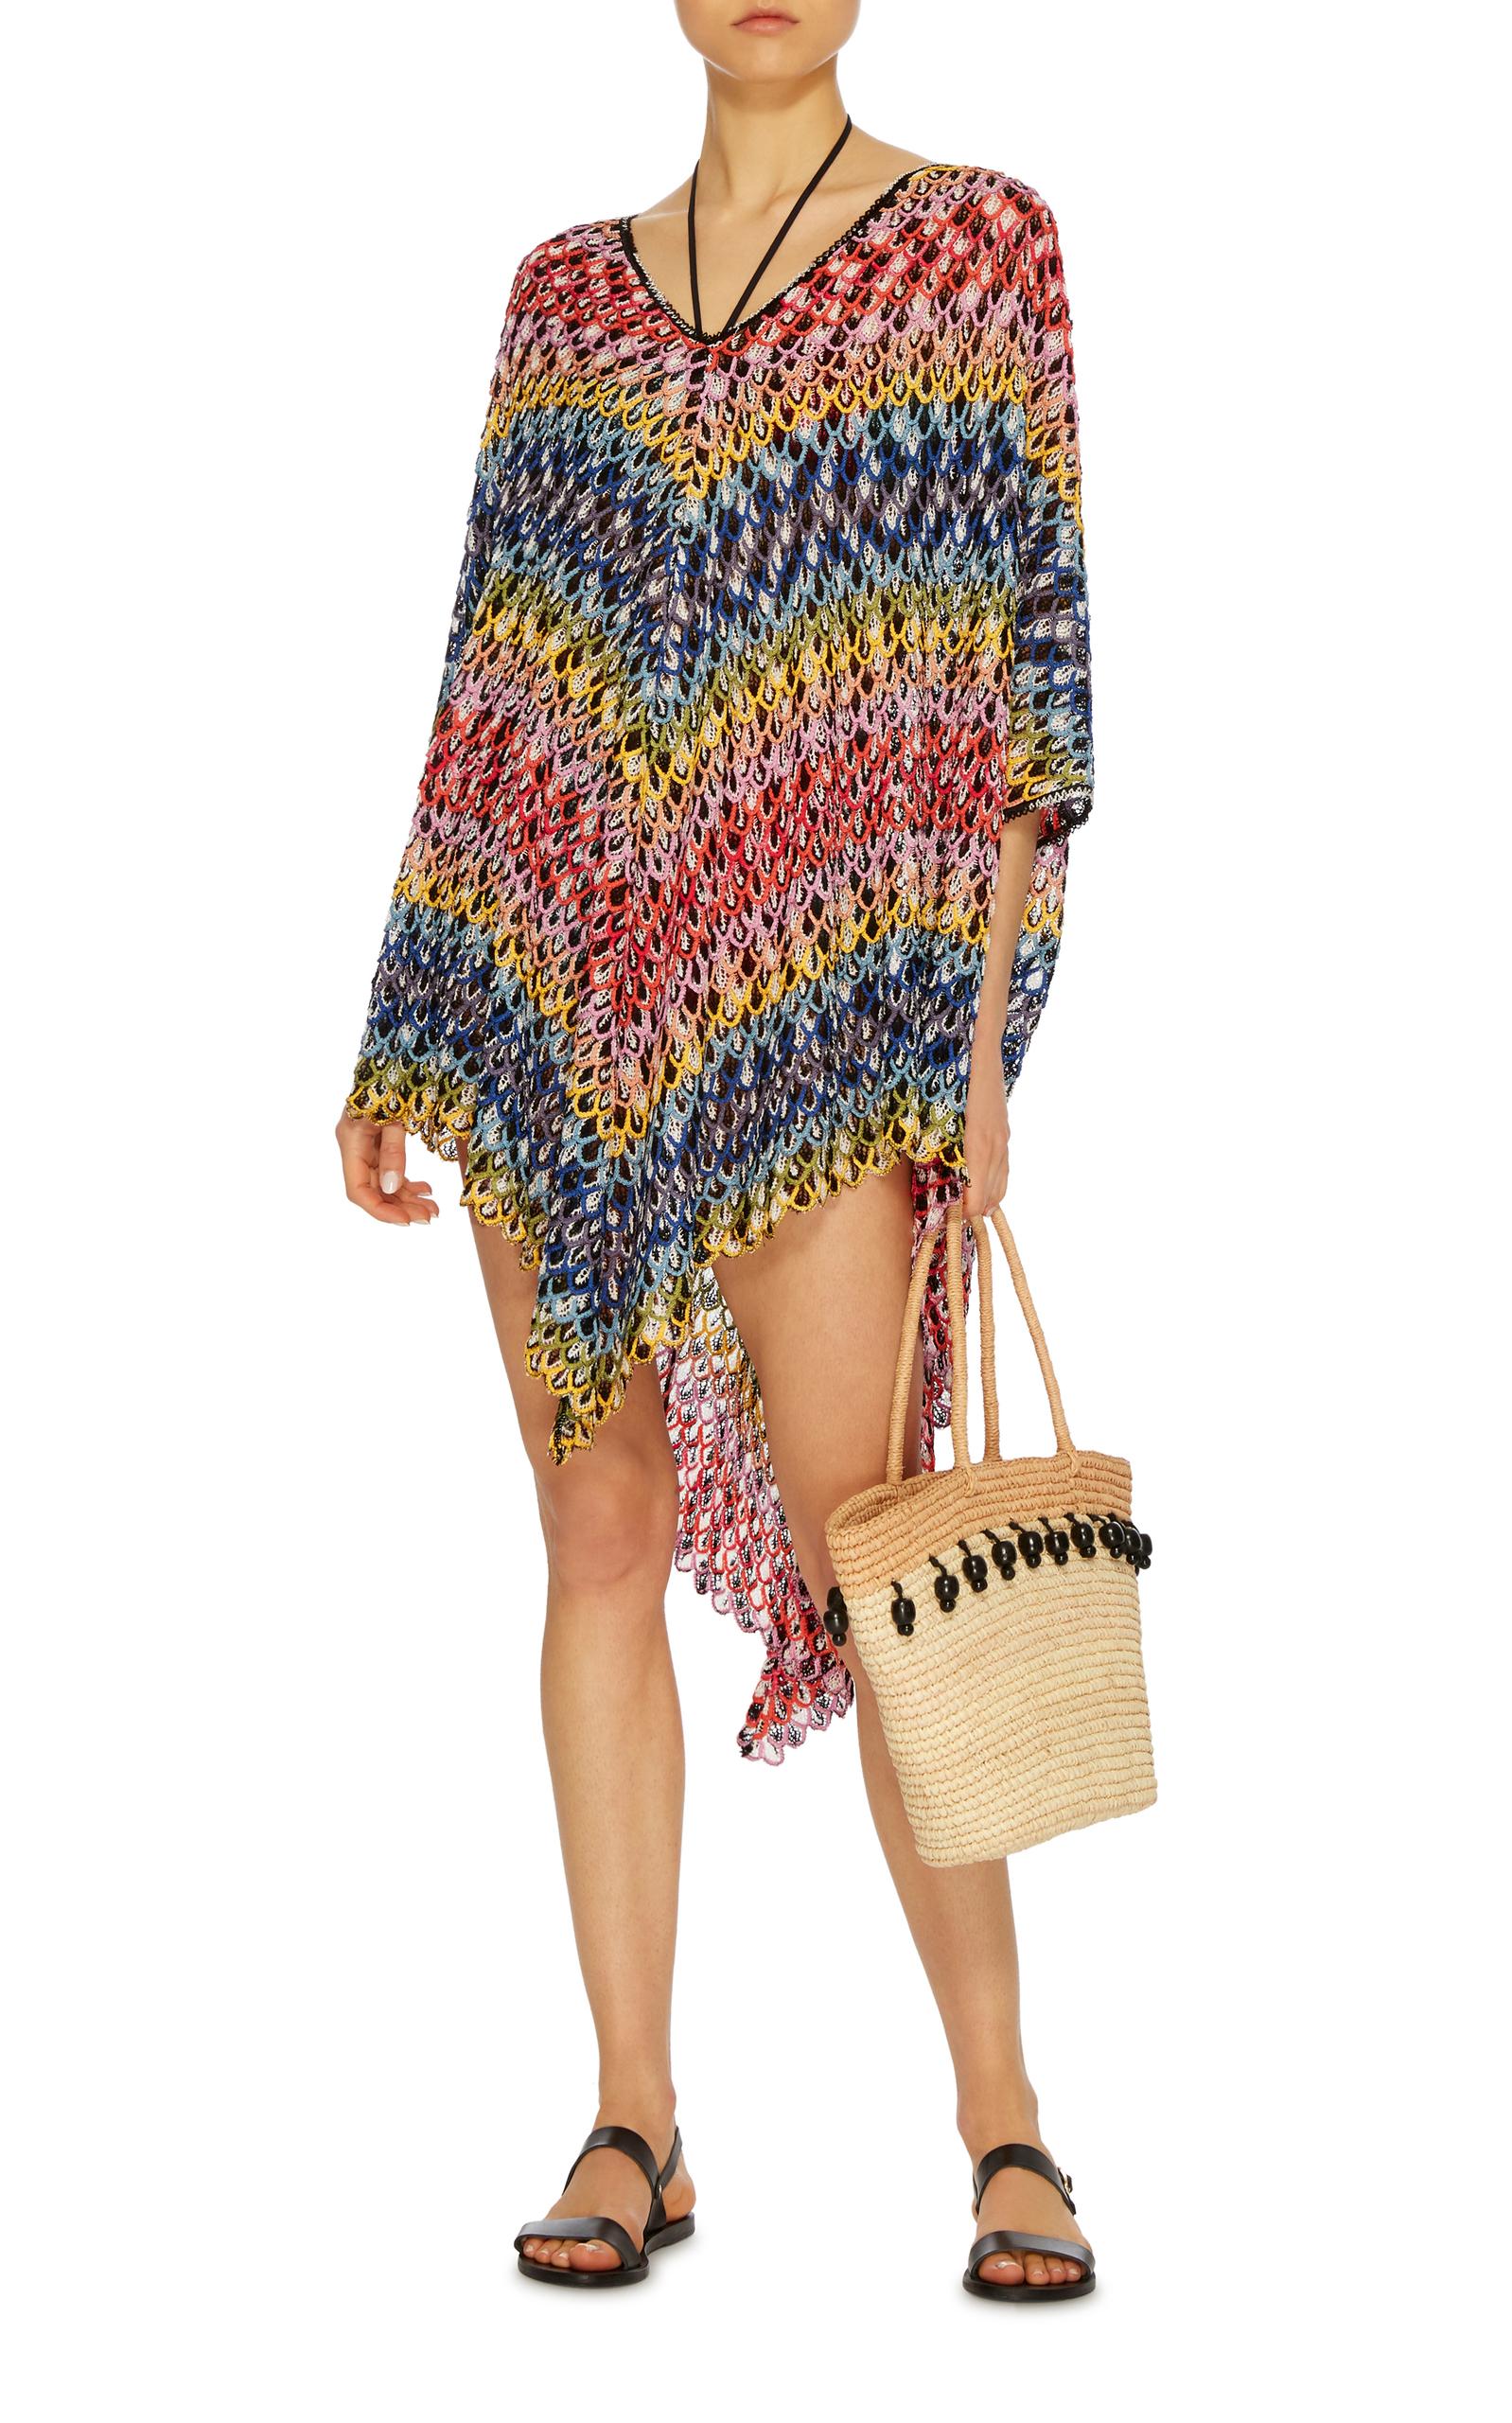 ebe229cba9c37 Crochet-Knit Coverup by Missoni Mare   Moda Operandi